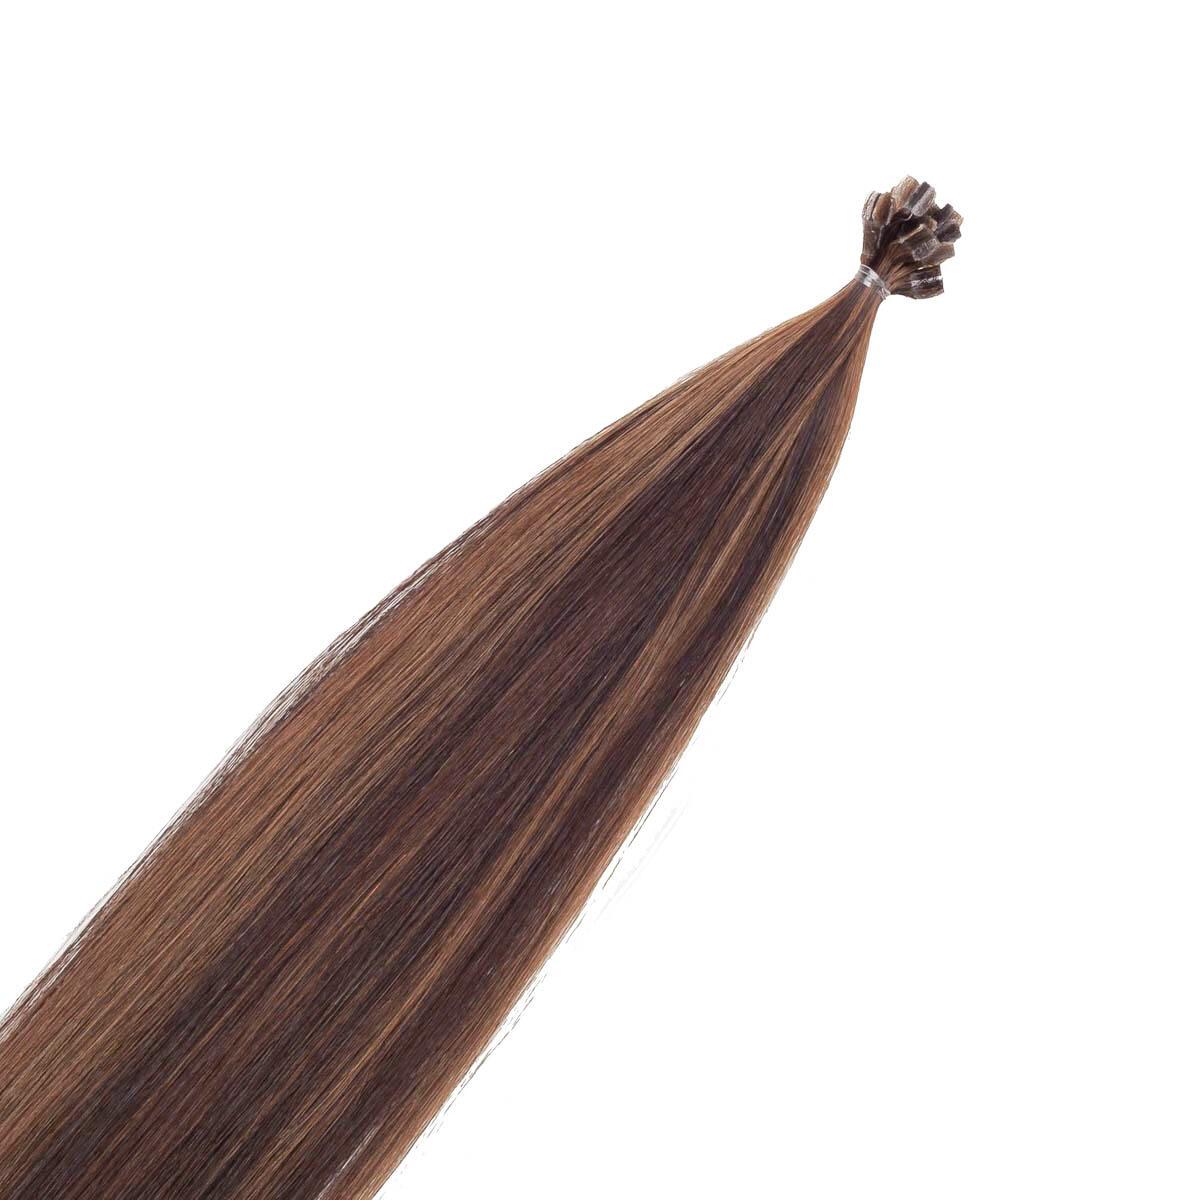 Nail Hair M2.3/5.0 Chocolate Mix 50 cm